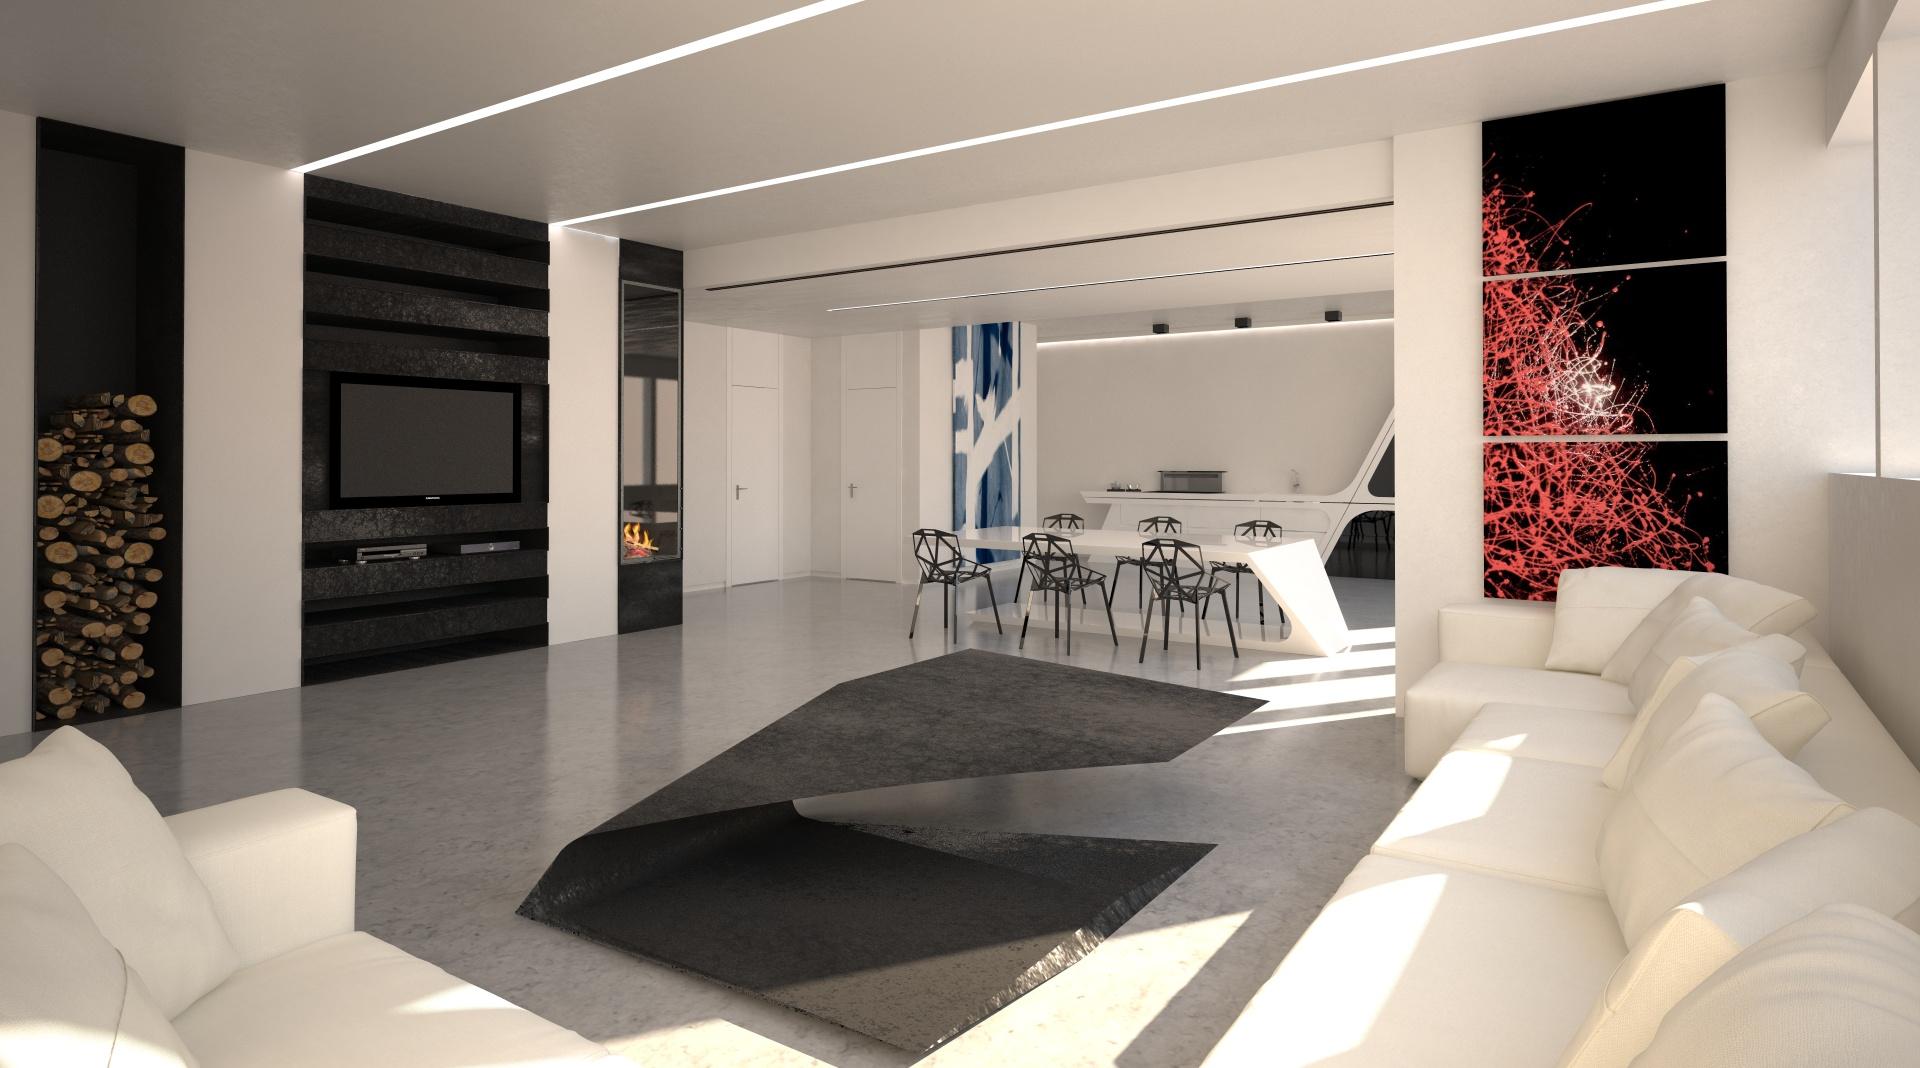 Interiores minimalistas en madrid grupo ias for Interiores minimalistas 2016